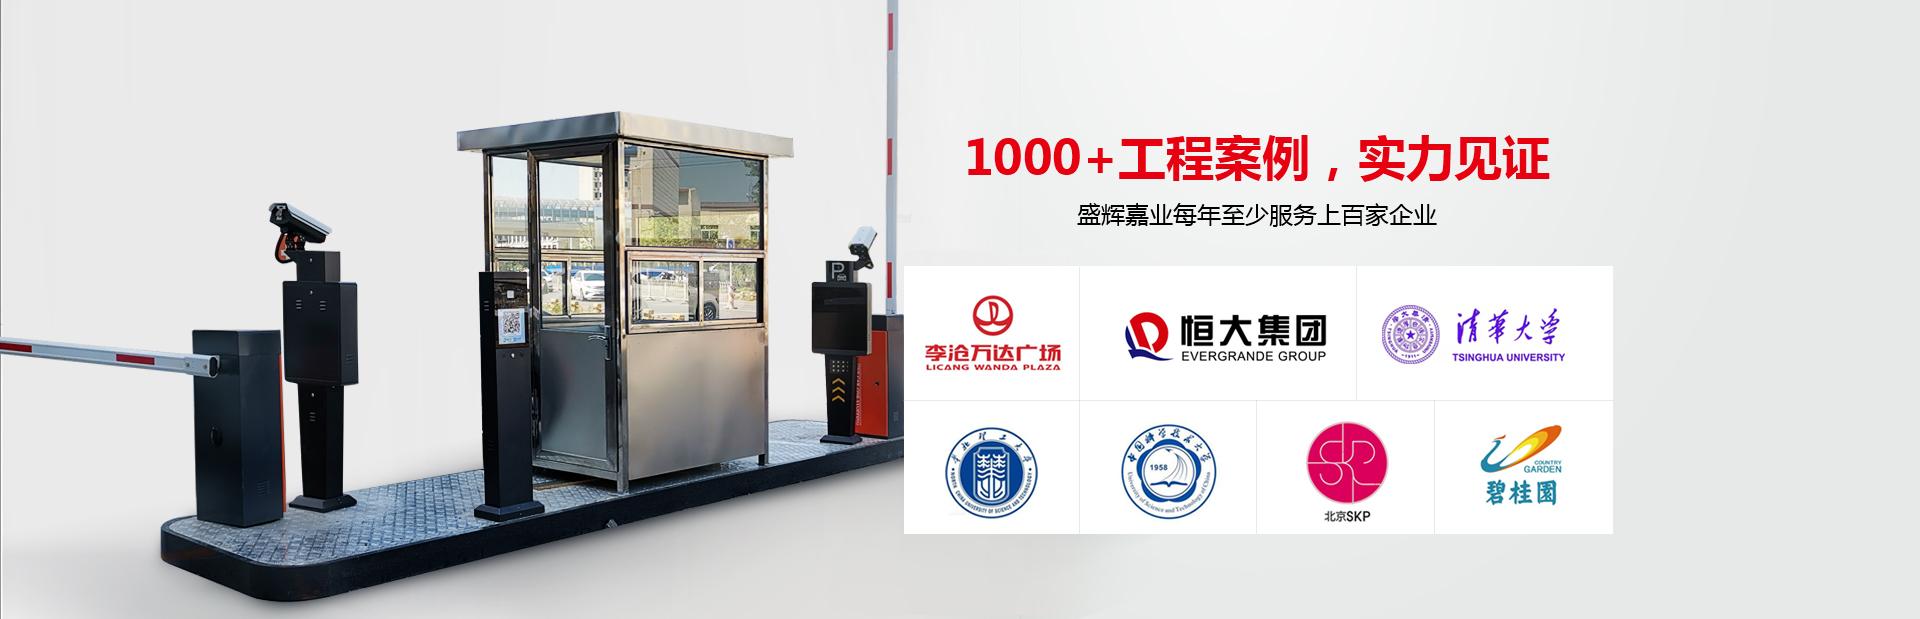 盛辉嘉业 1000+工程案例